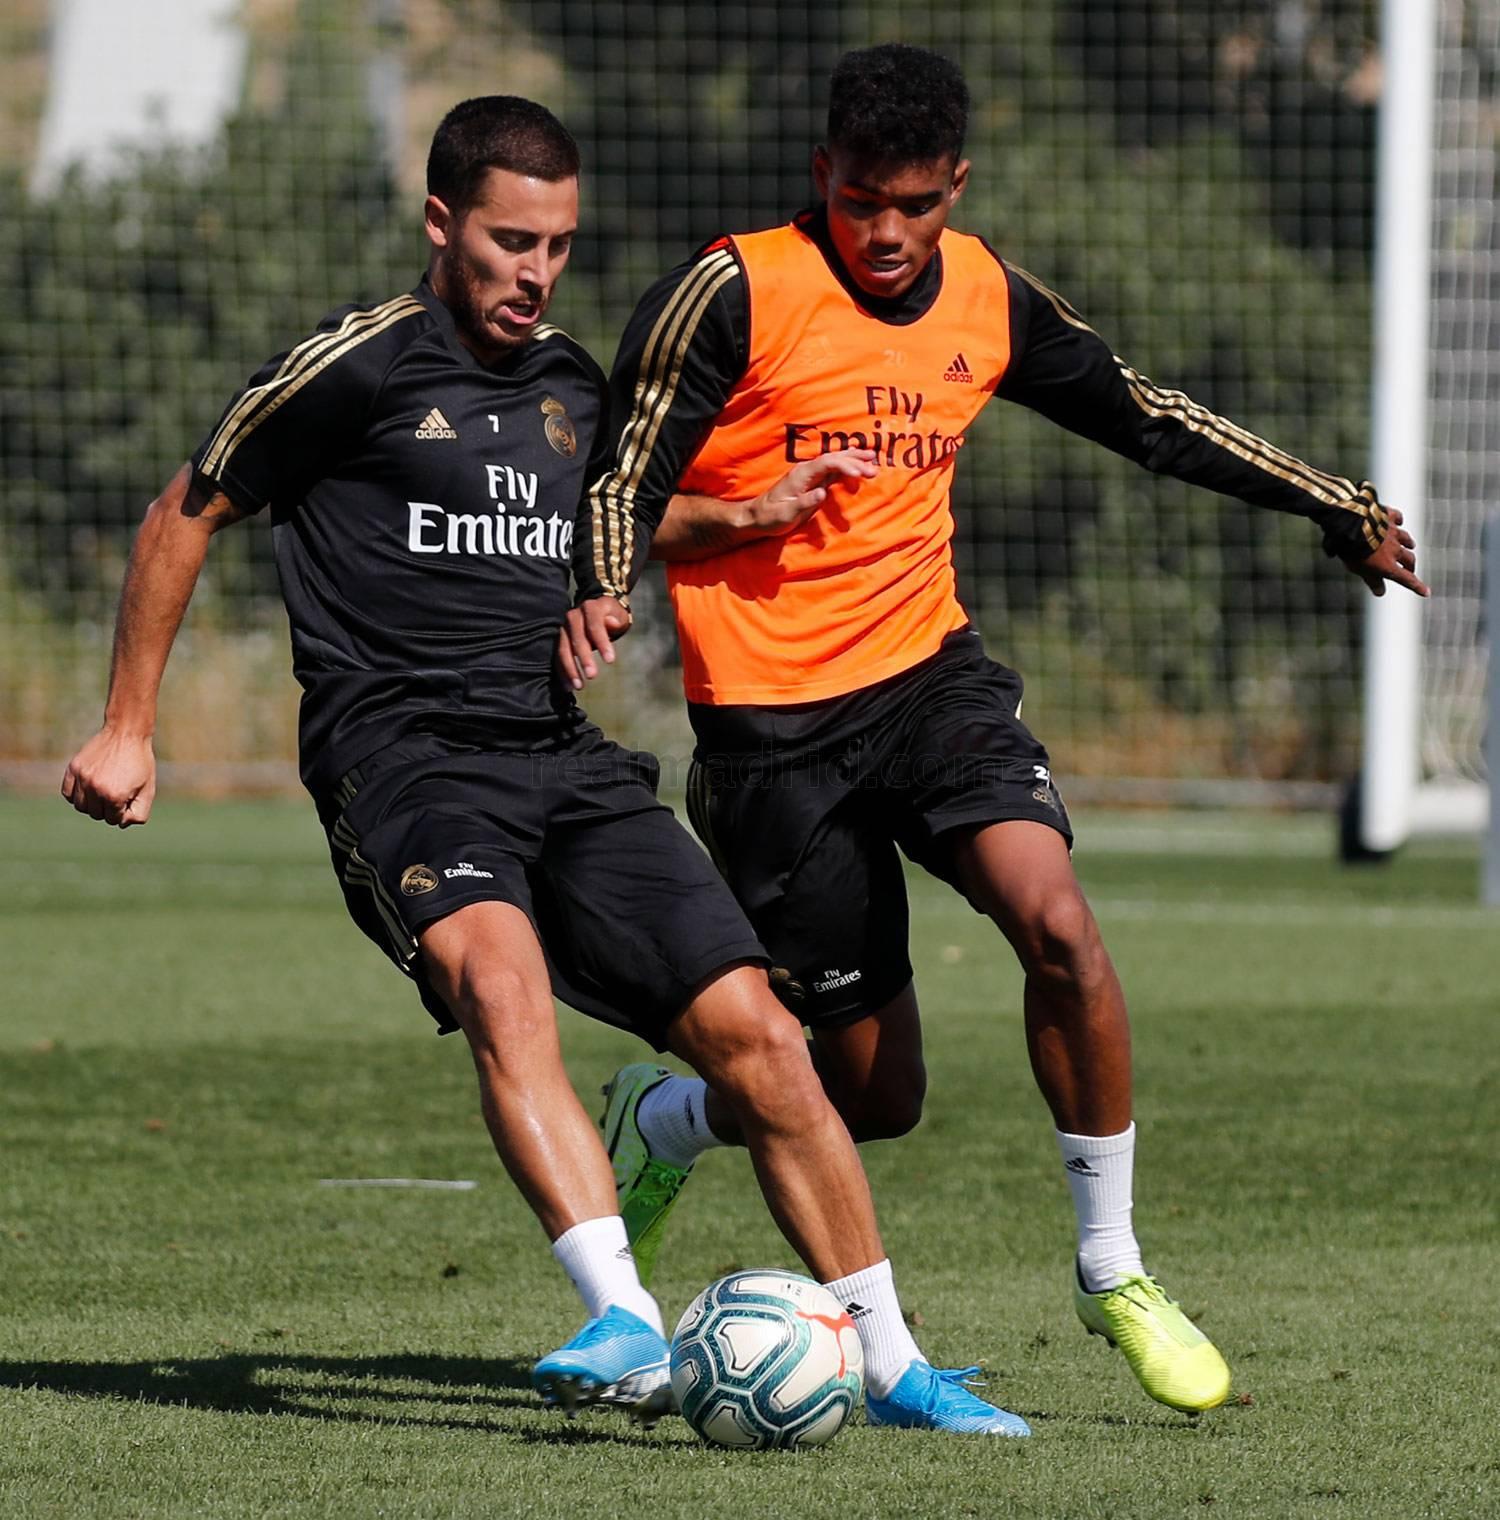 El Real Madrid inscribe un nuevo fichaje en la Liga Santander